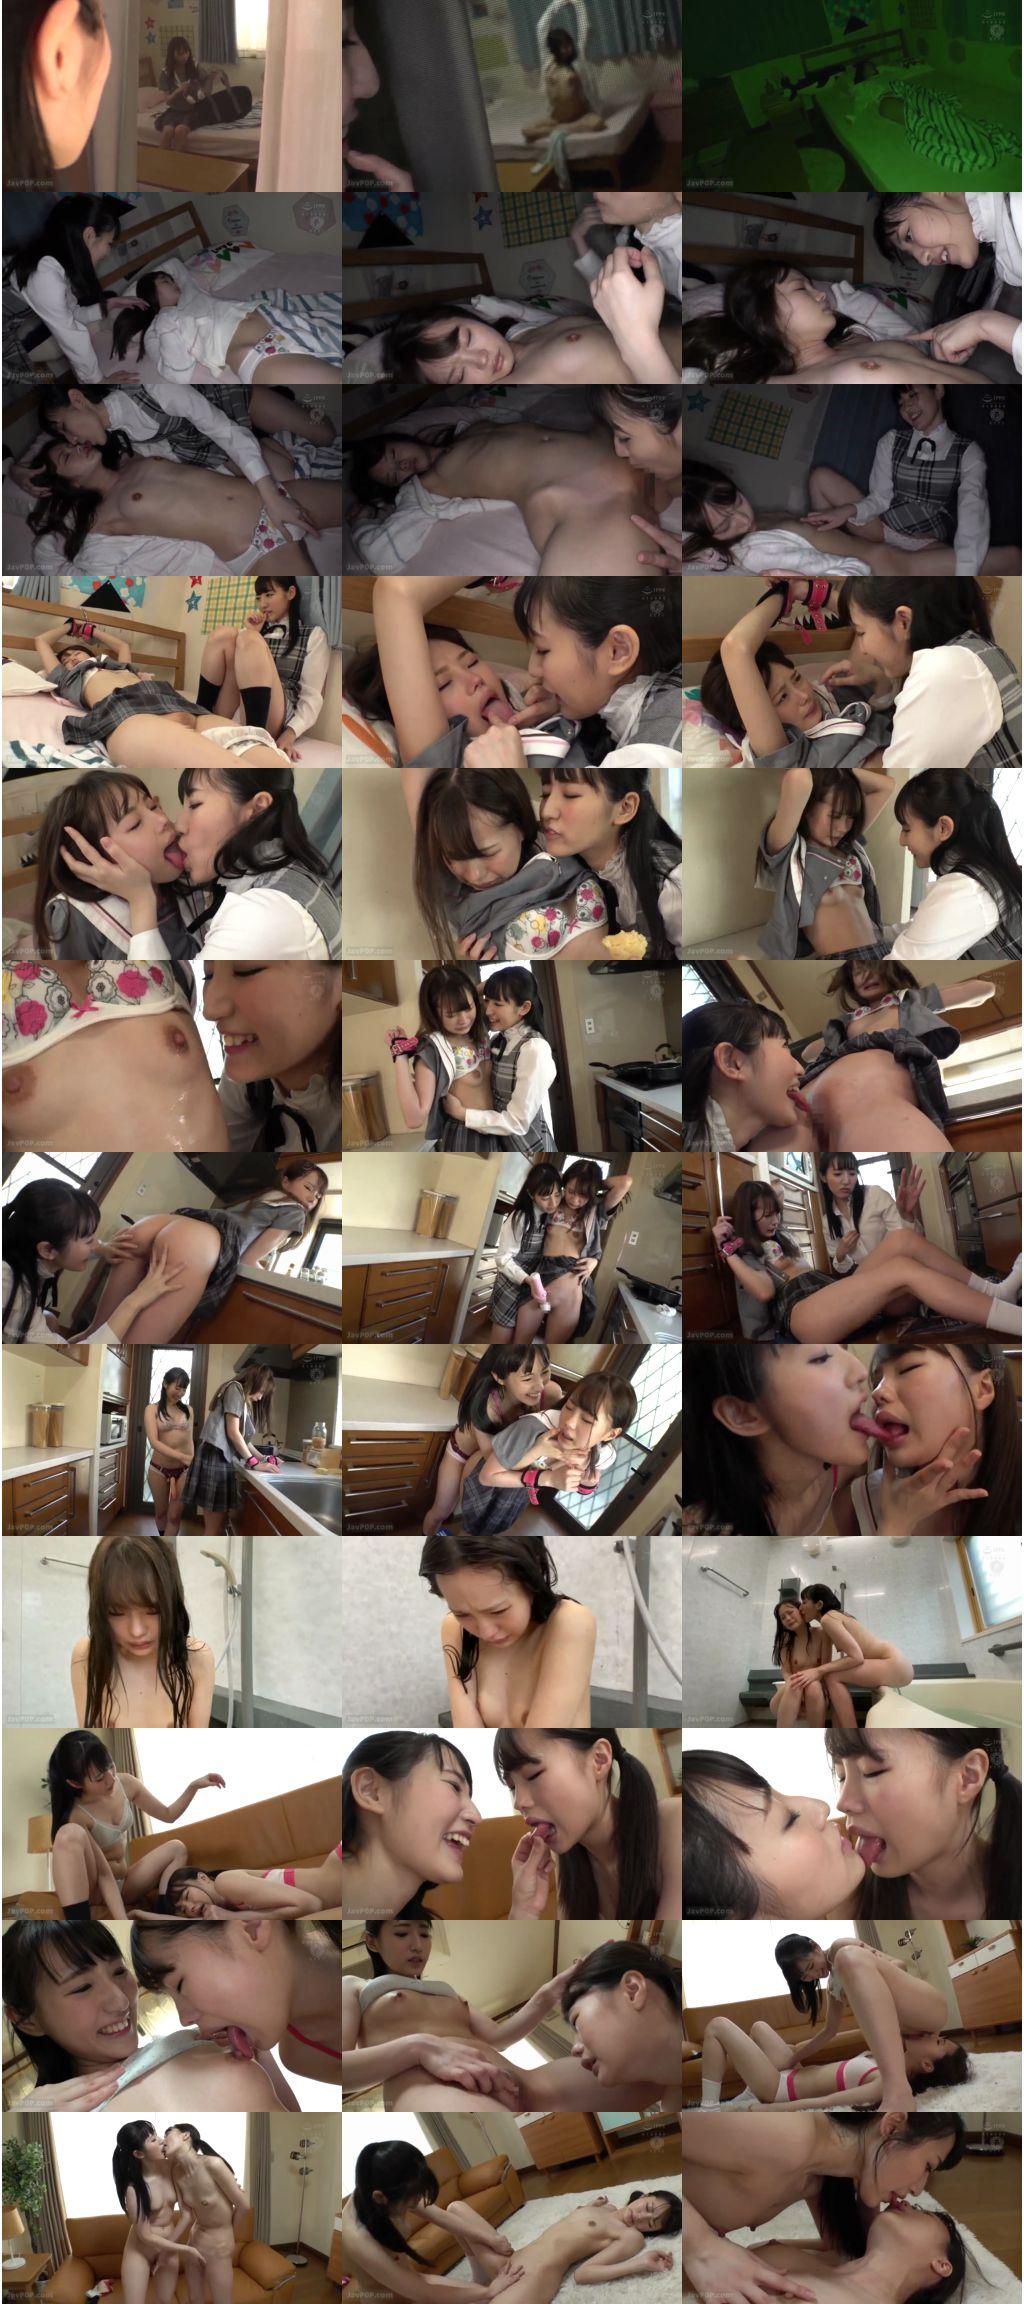 bban 289 s - [BBAN-289] 貴女は誰ですか…? ~襲われた美少女。レズに堕ちるまで~ 松本いちか 河奈亜依 河奈亜依 Lesbian Kiss Matsumoto Ichika Bibian